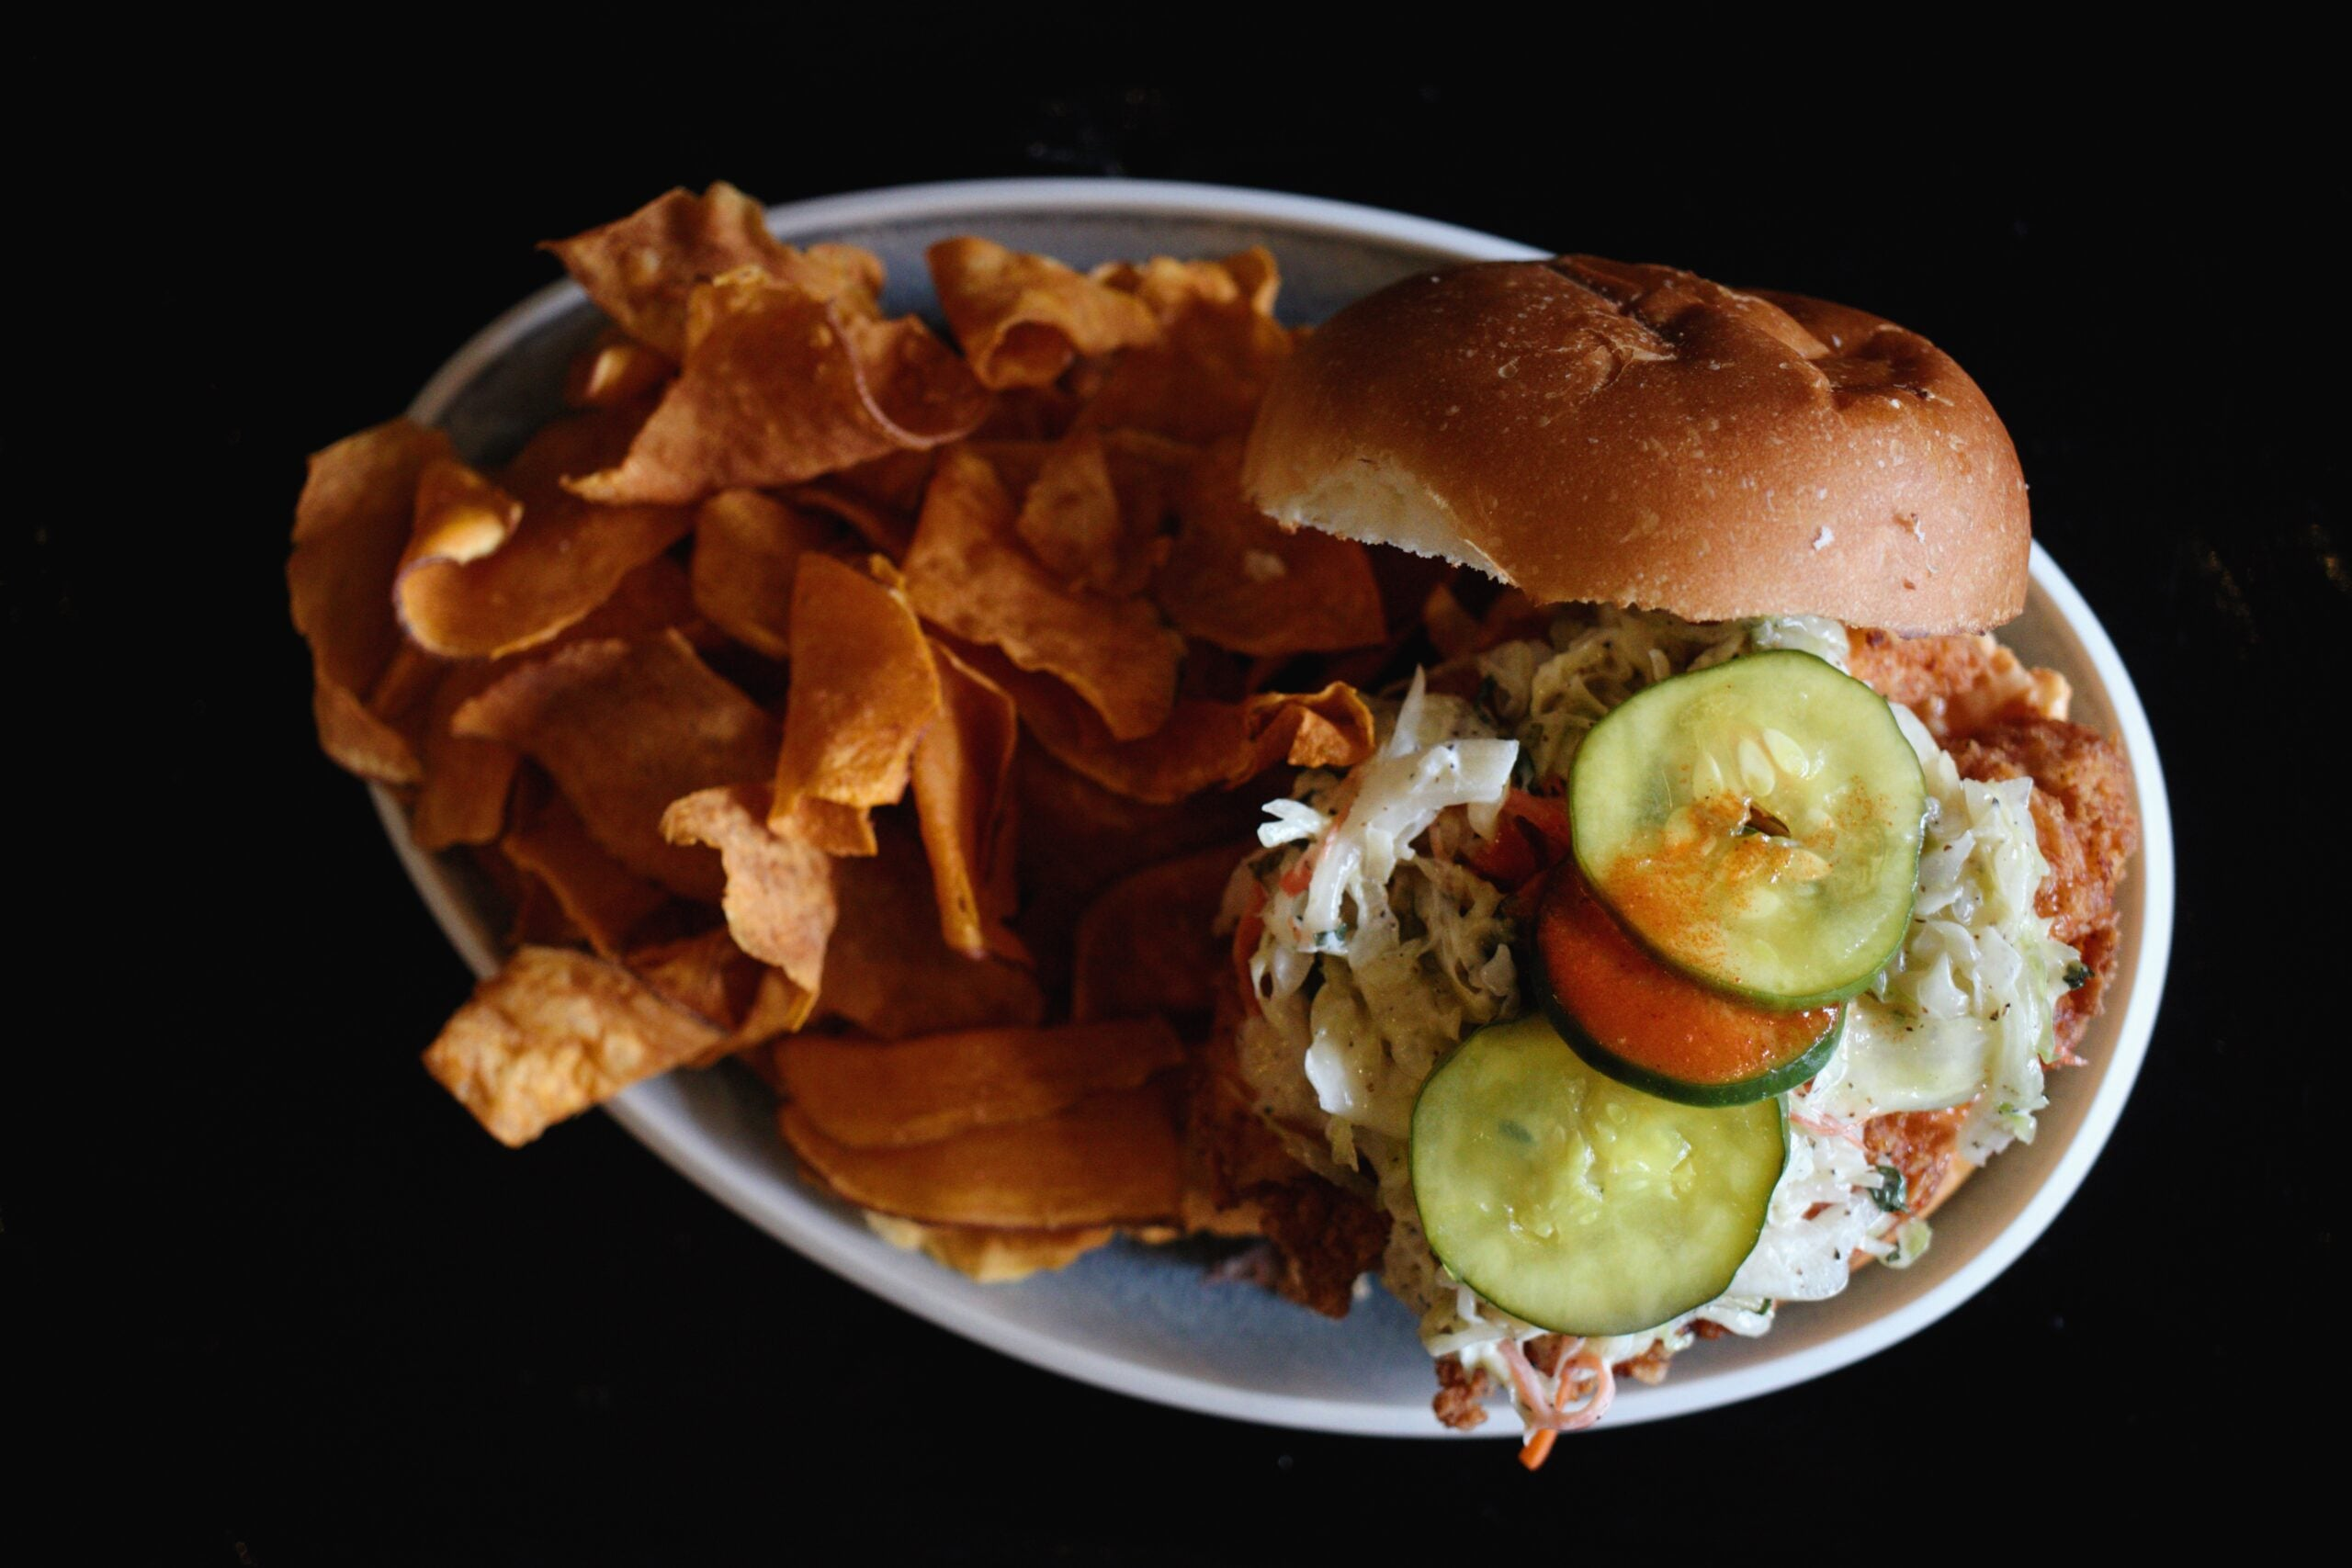 Fried chicken sandwich at Pollo Club